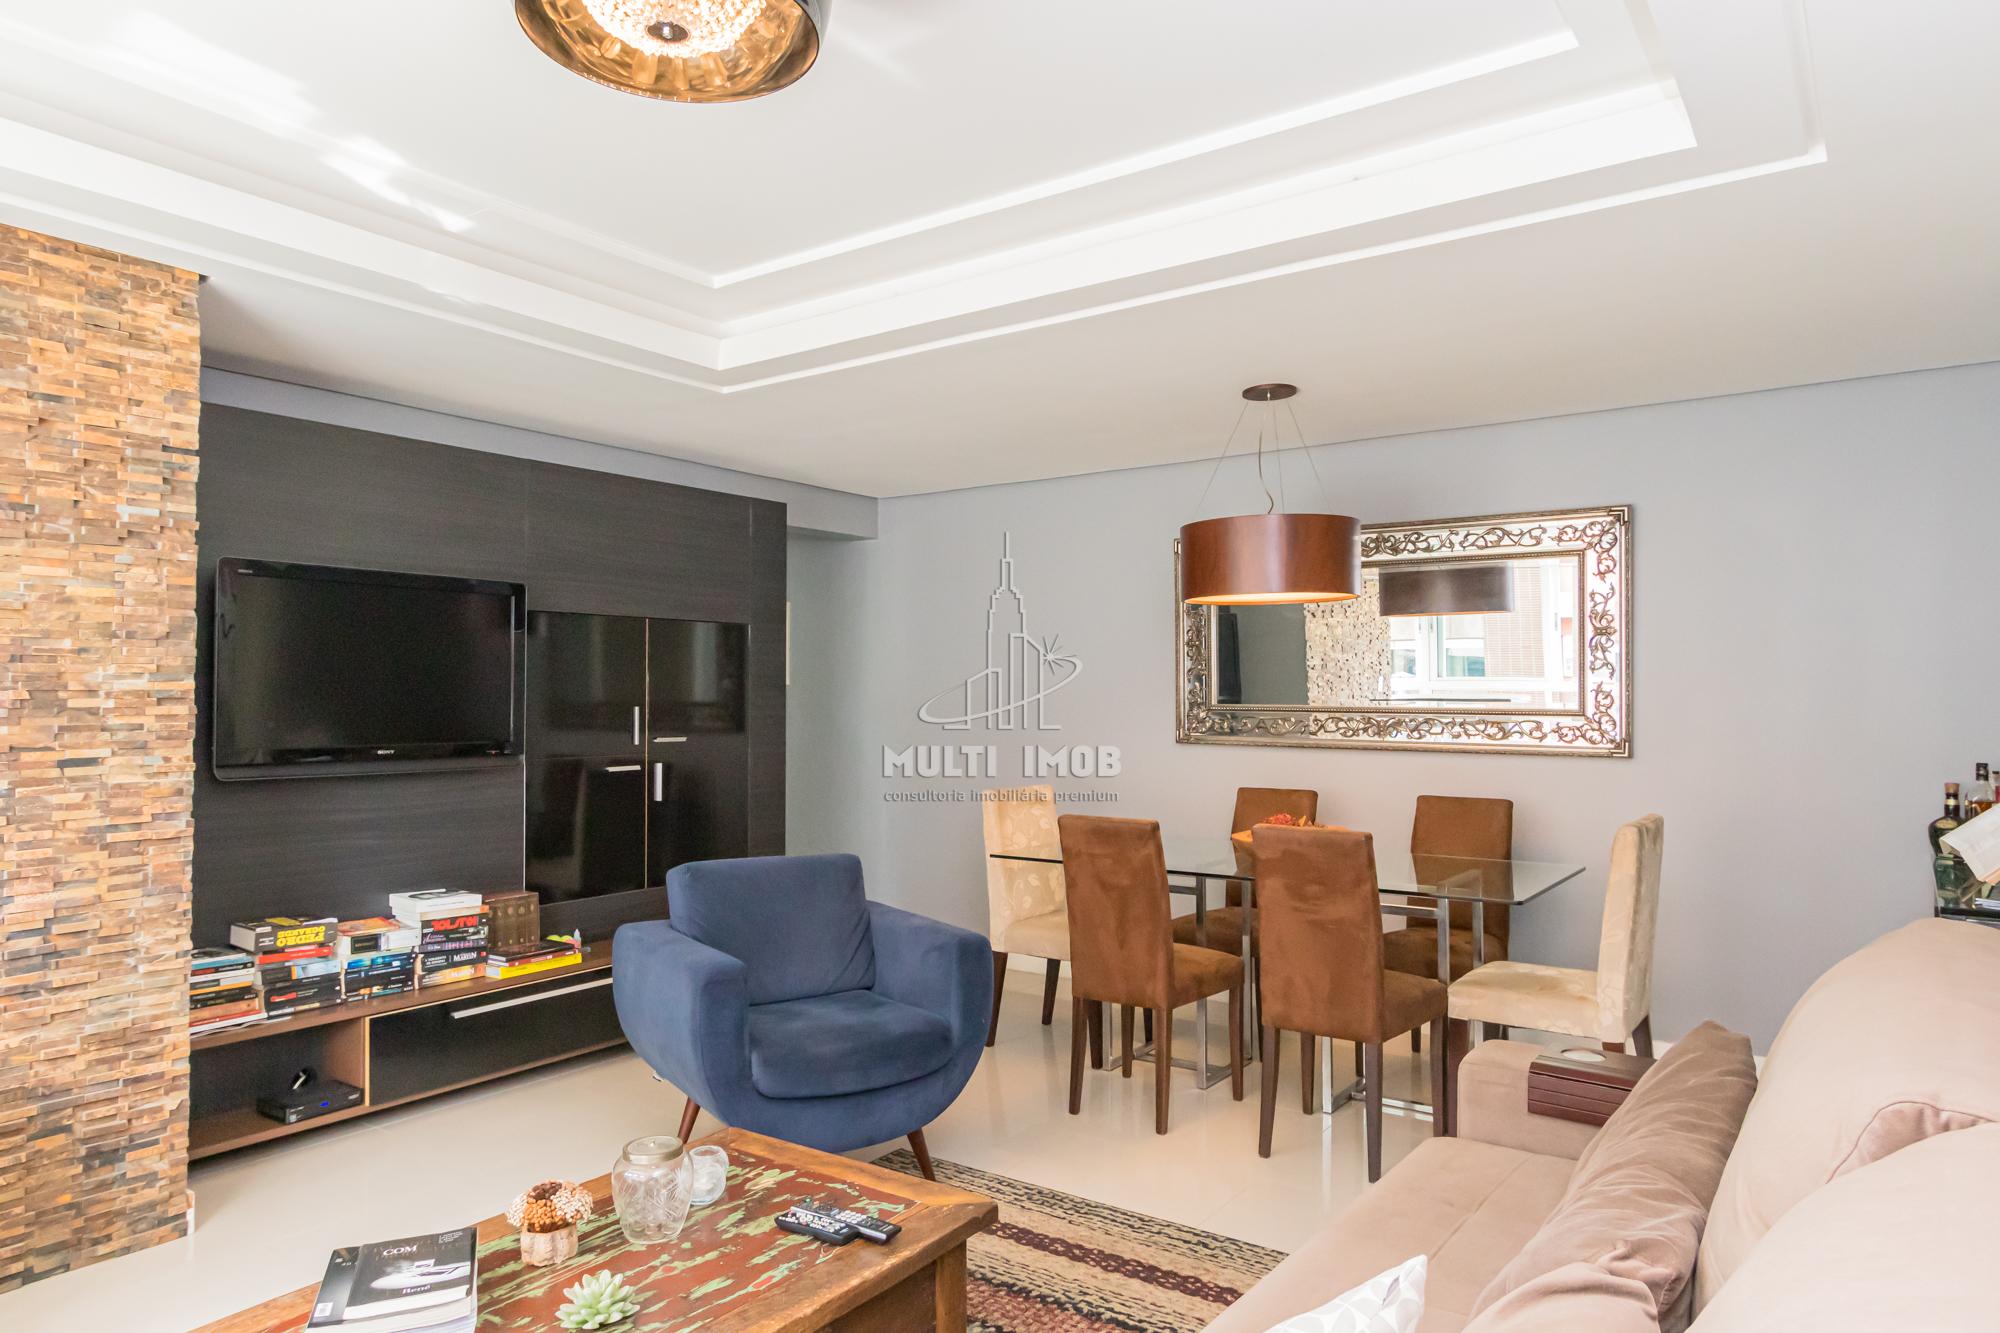 Apartamento  3 Dormitórios  1 Suíte  2 Vagas de Garagem Venda Bairro Boa Vista em Porto Alegre RS